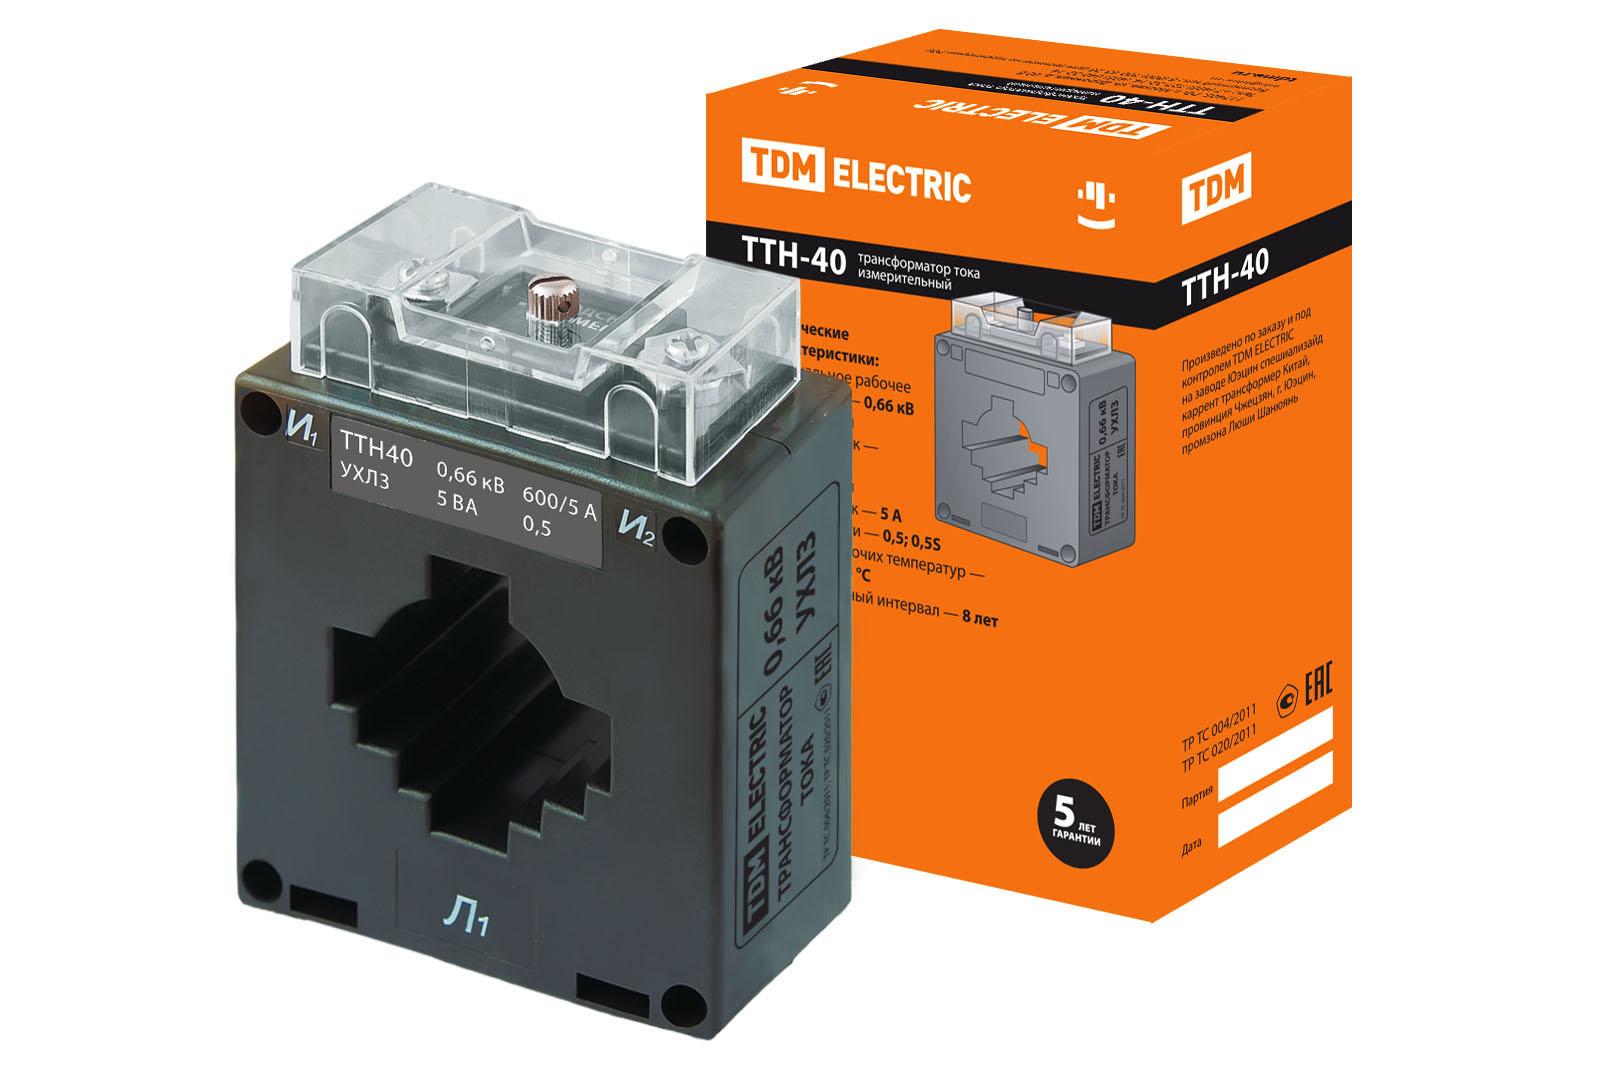 Трансформатор Tdm Sq1101-0096 от 220 Вольт